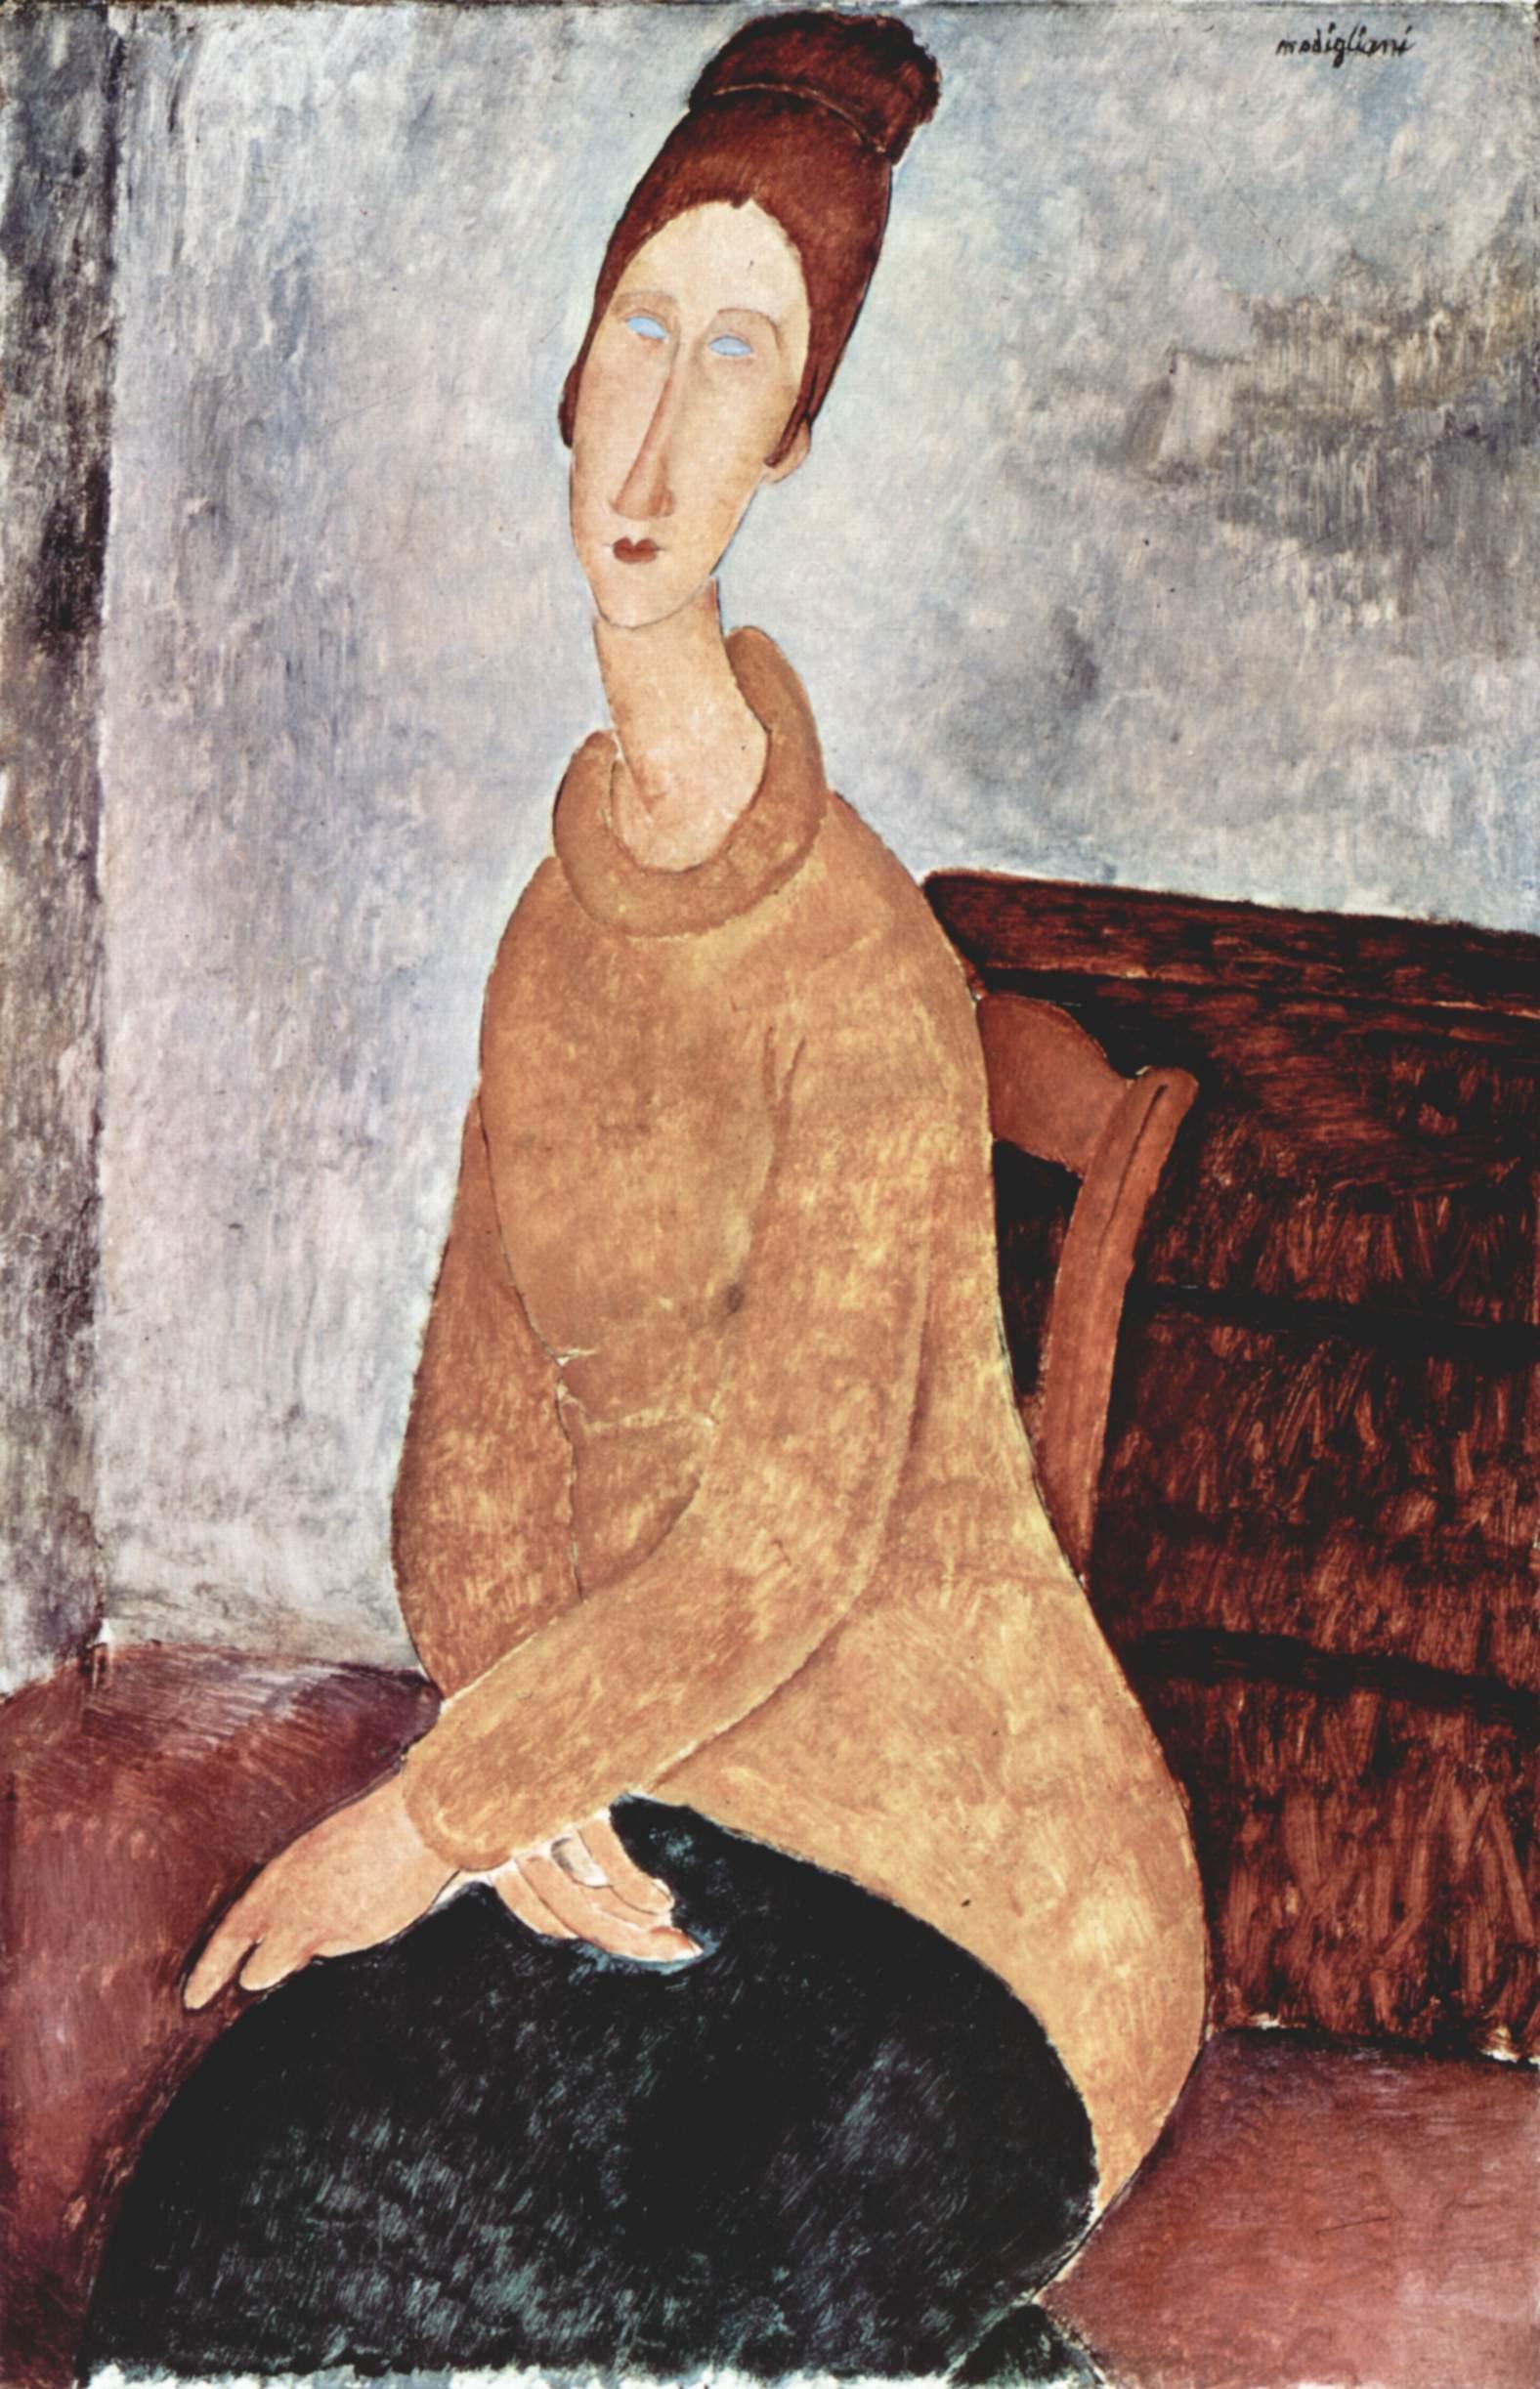 ソロモン・R・グッゲンハイム美術館の画像 p1_24